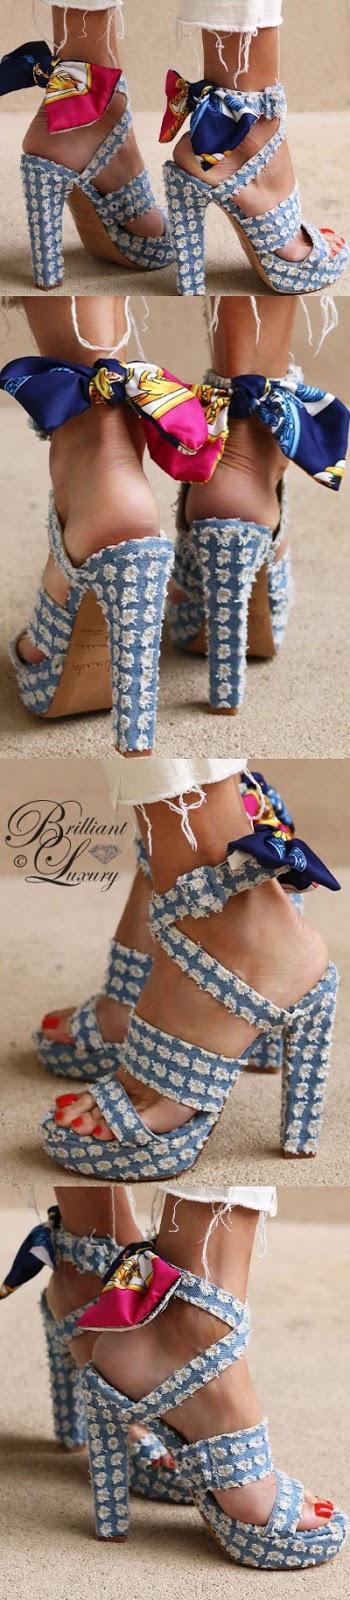 Brilliant Luxury ♦ Alameda Turquesa Denim Affair sandals